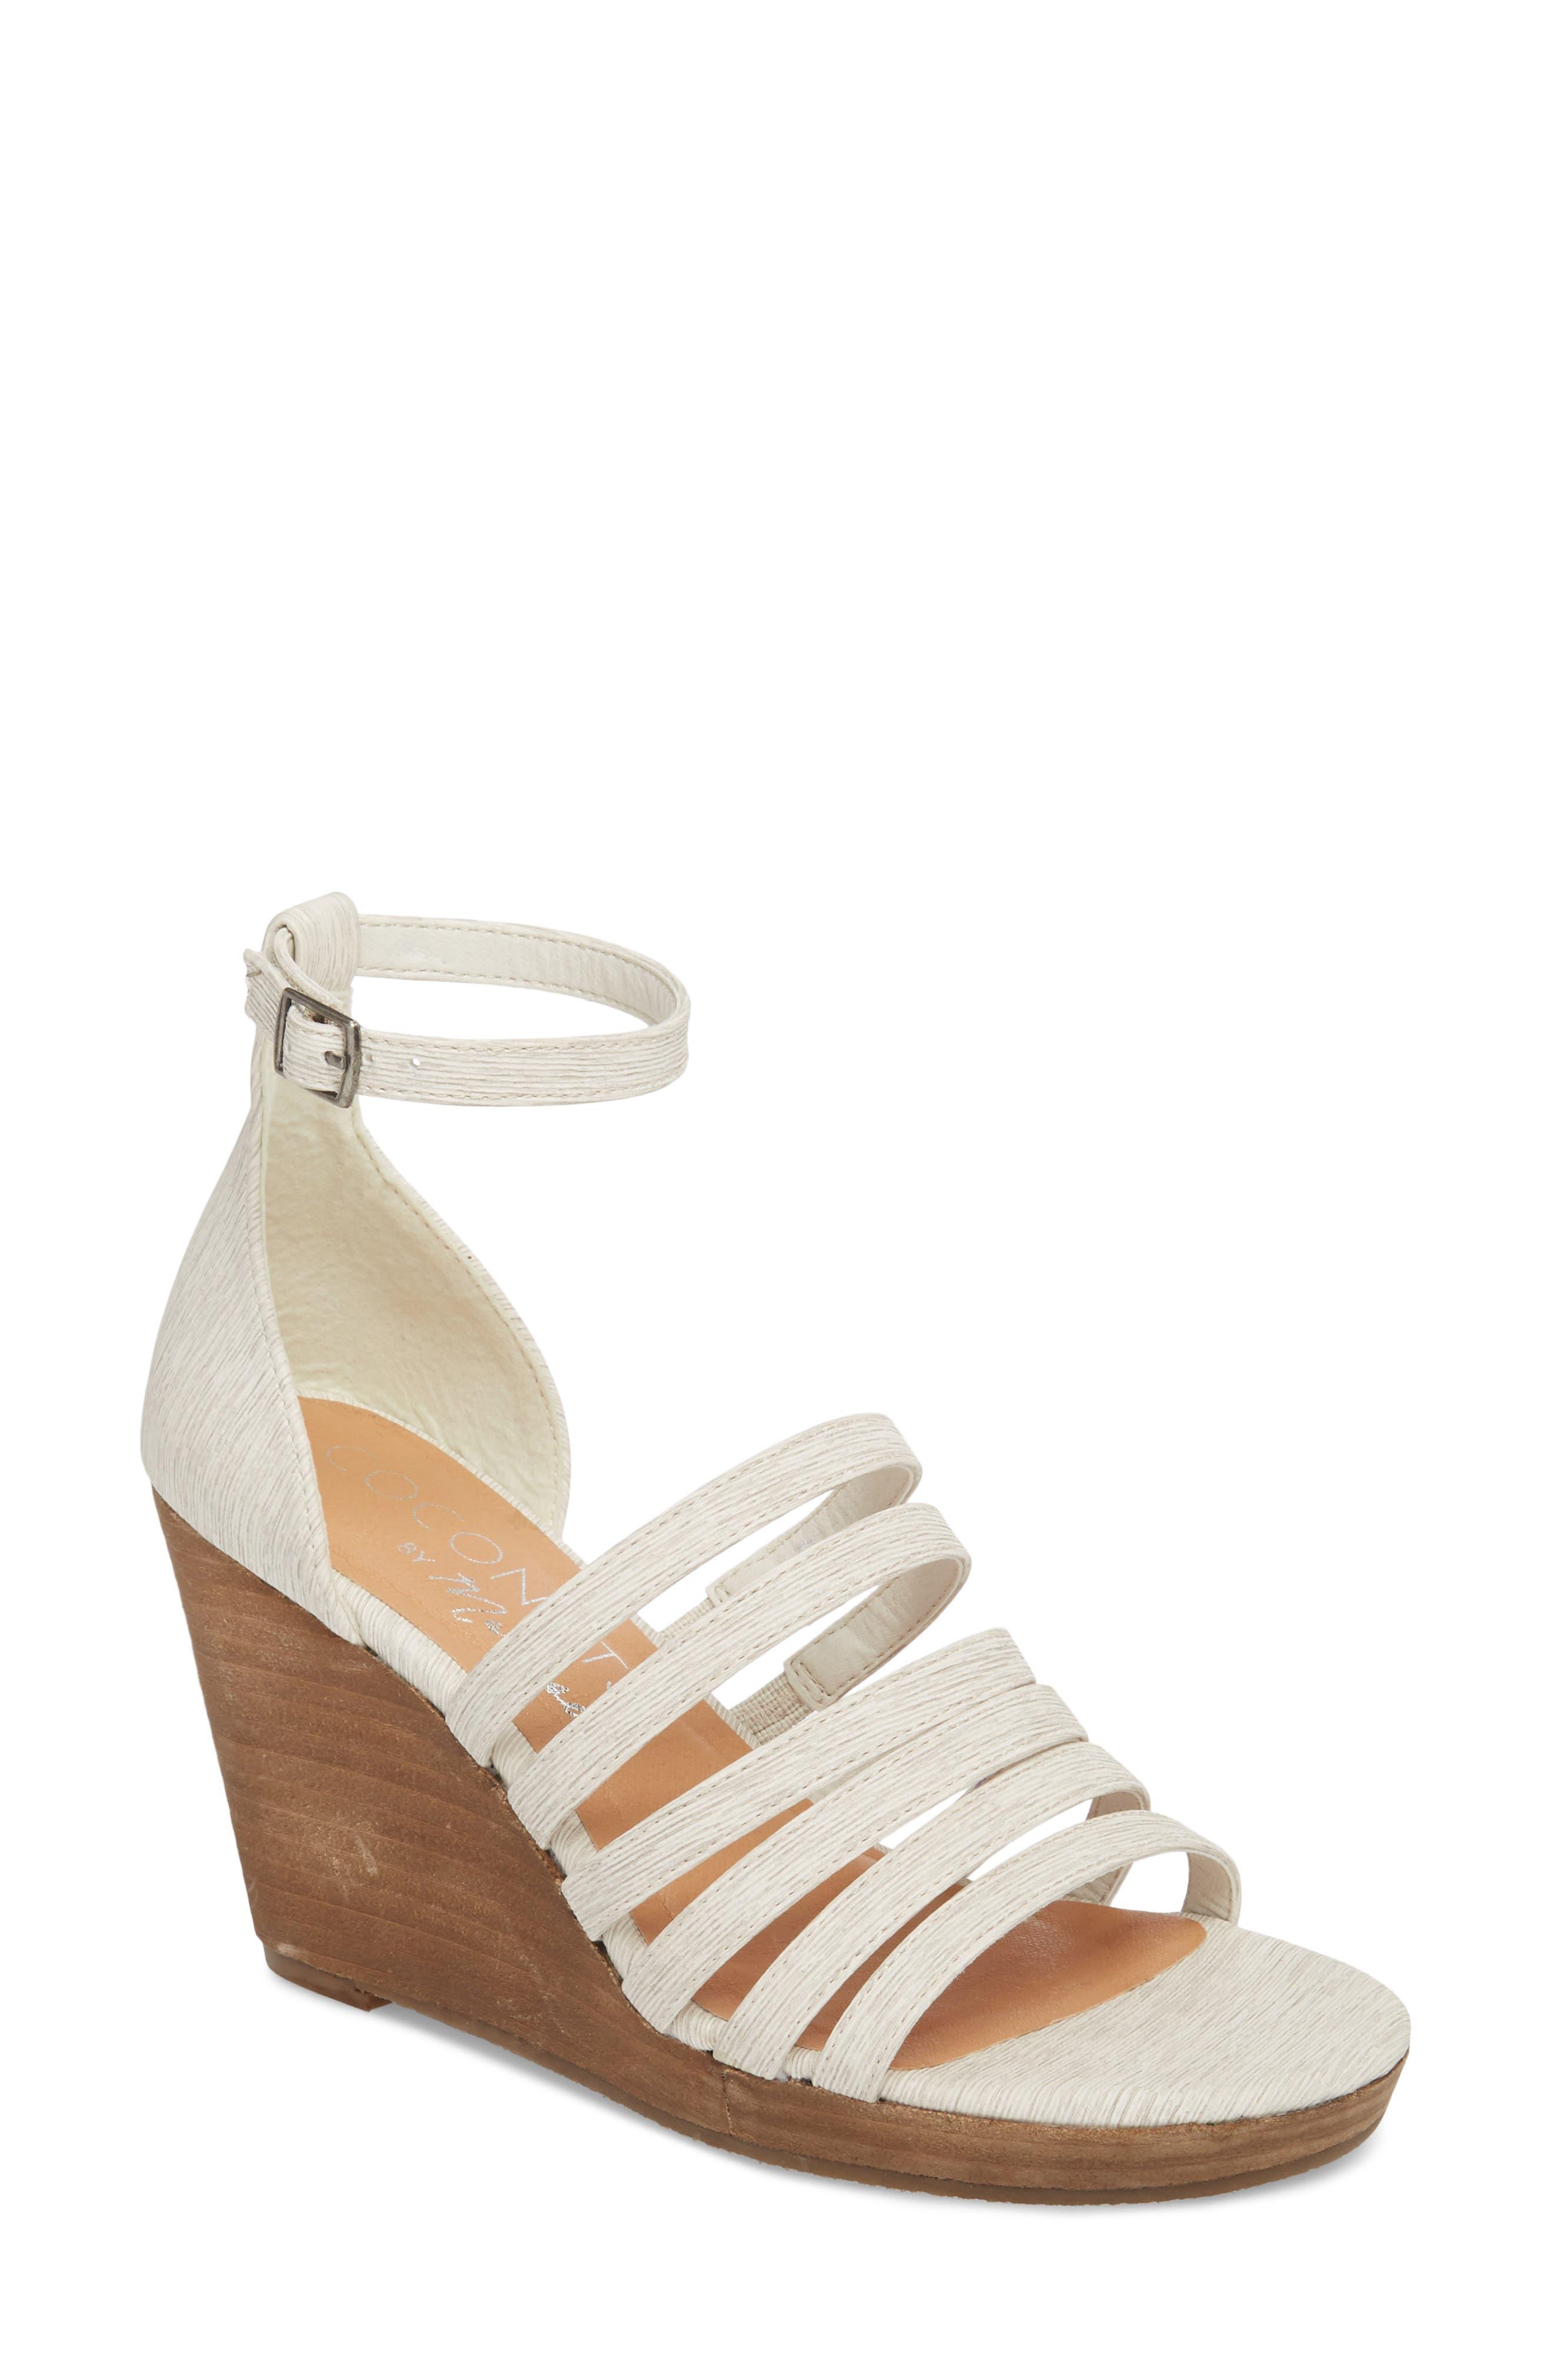 Kiera Wedge Sandal,                             Main thumbnail 1, color,                             NATURAL FABRIC